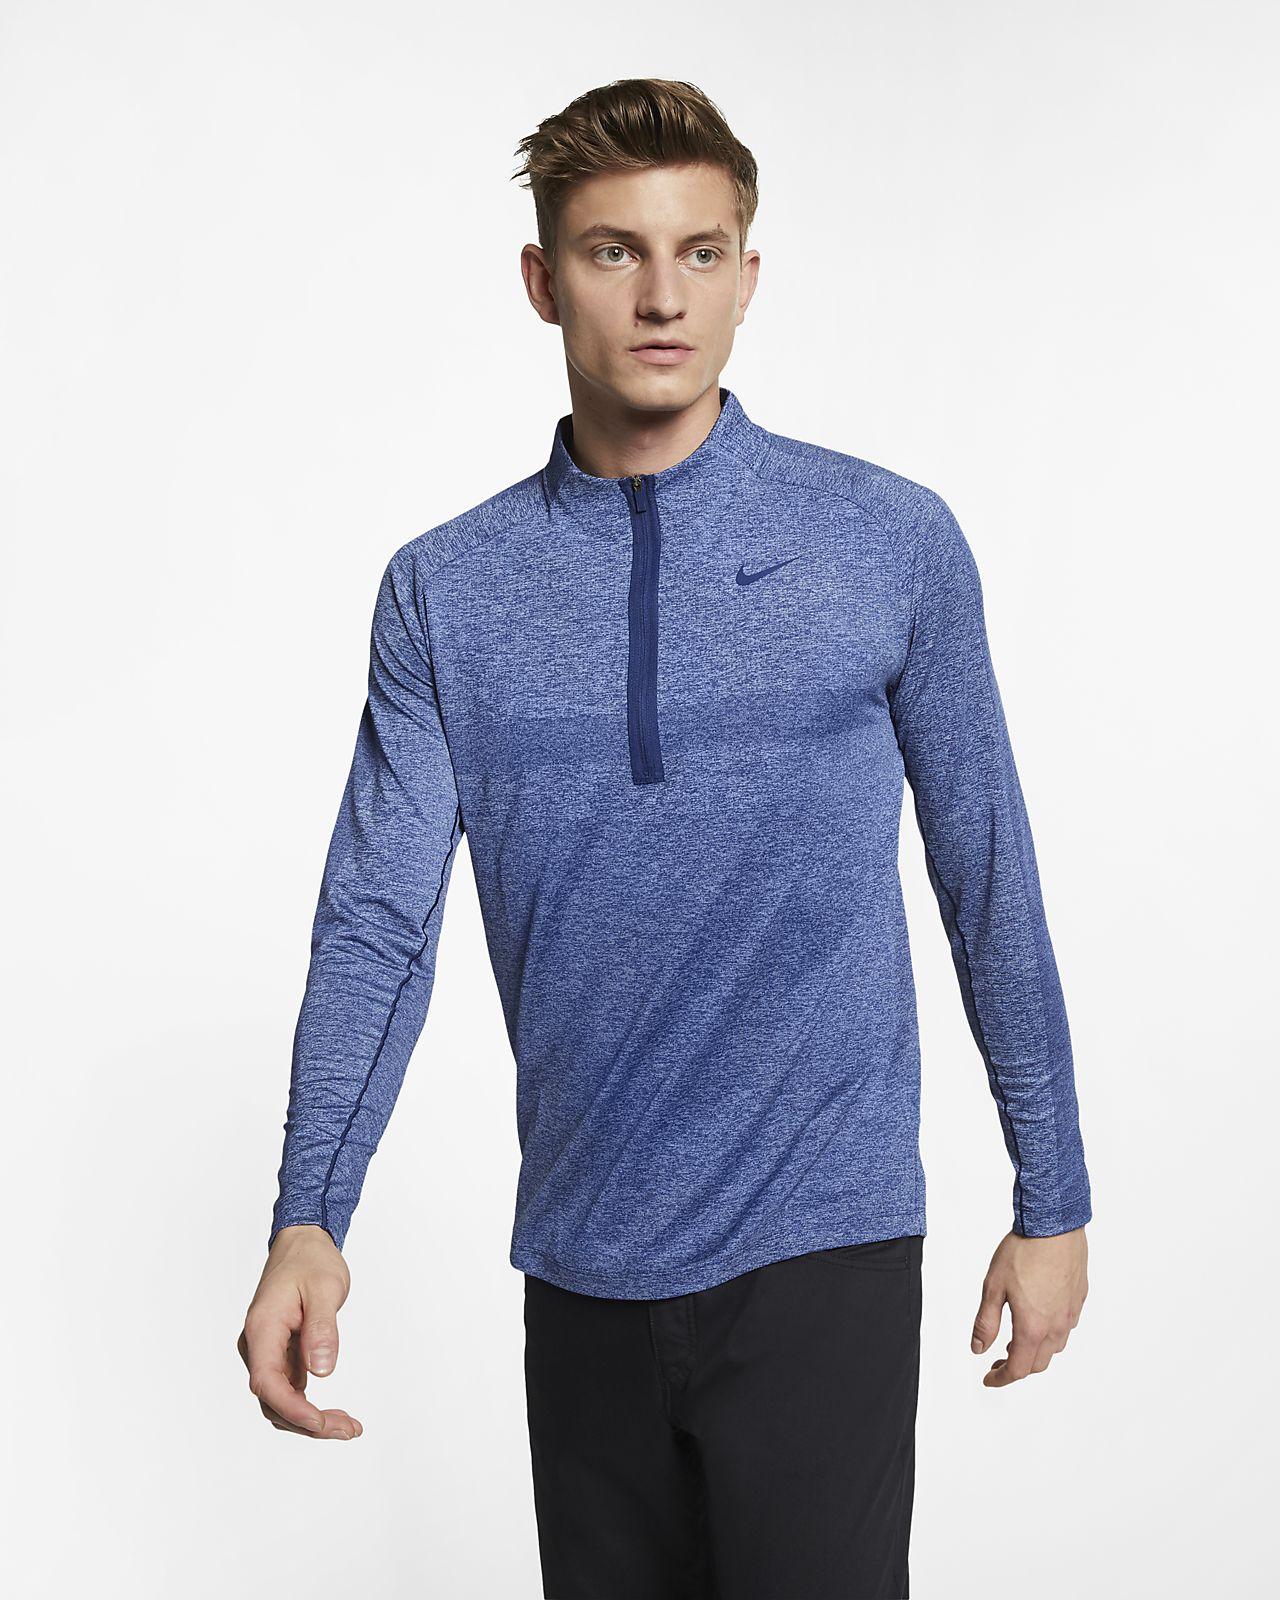 Maglia da golf con zip a metà lunghezza Nike Dri-FIT - Uomo